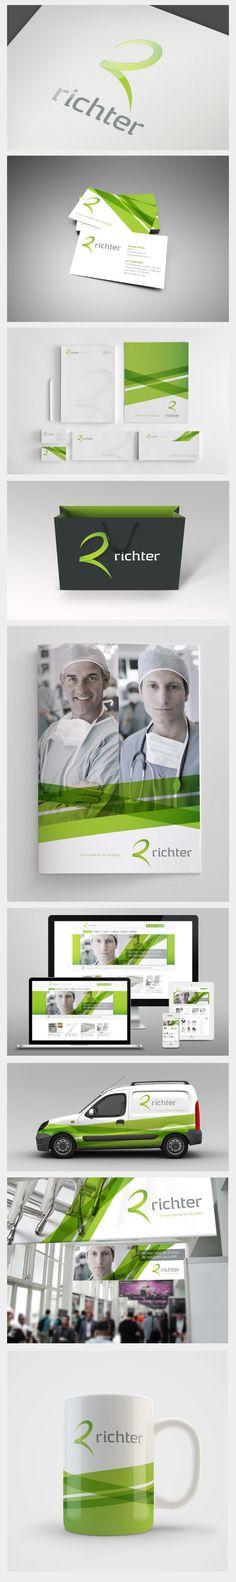 Richter branding.